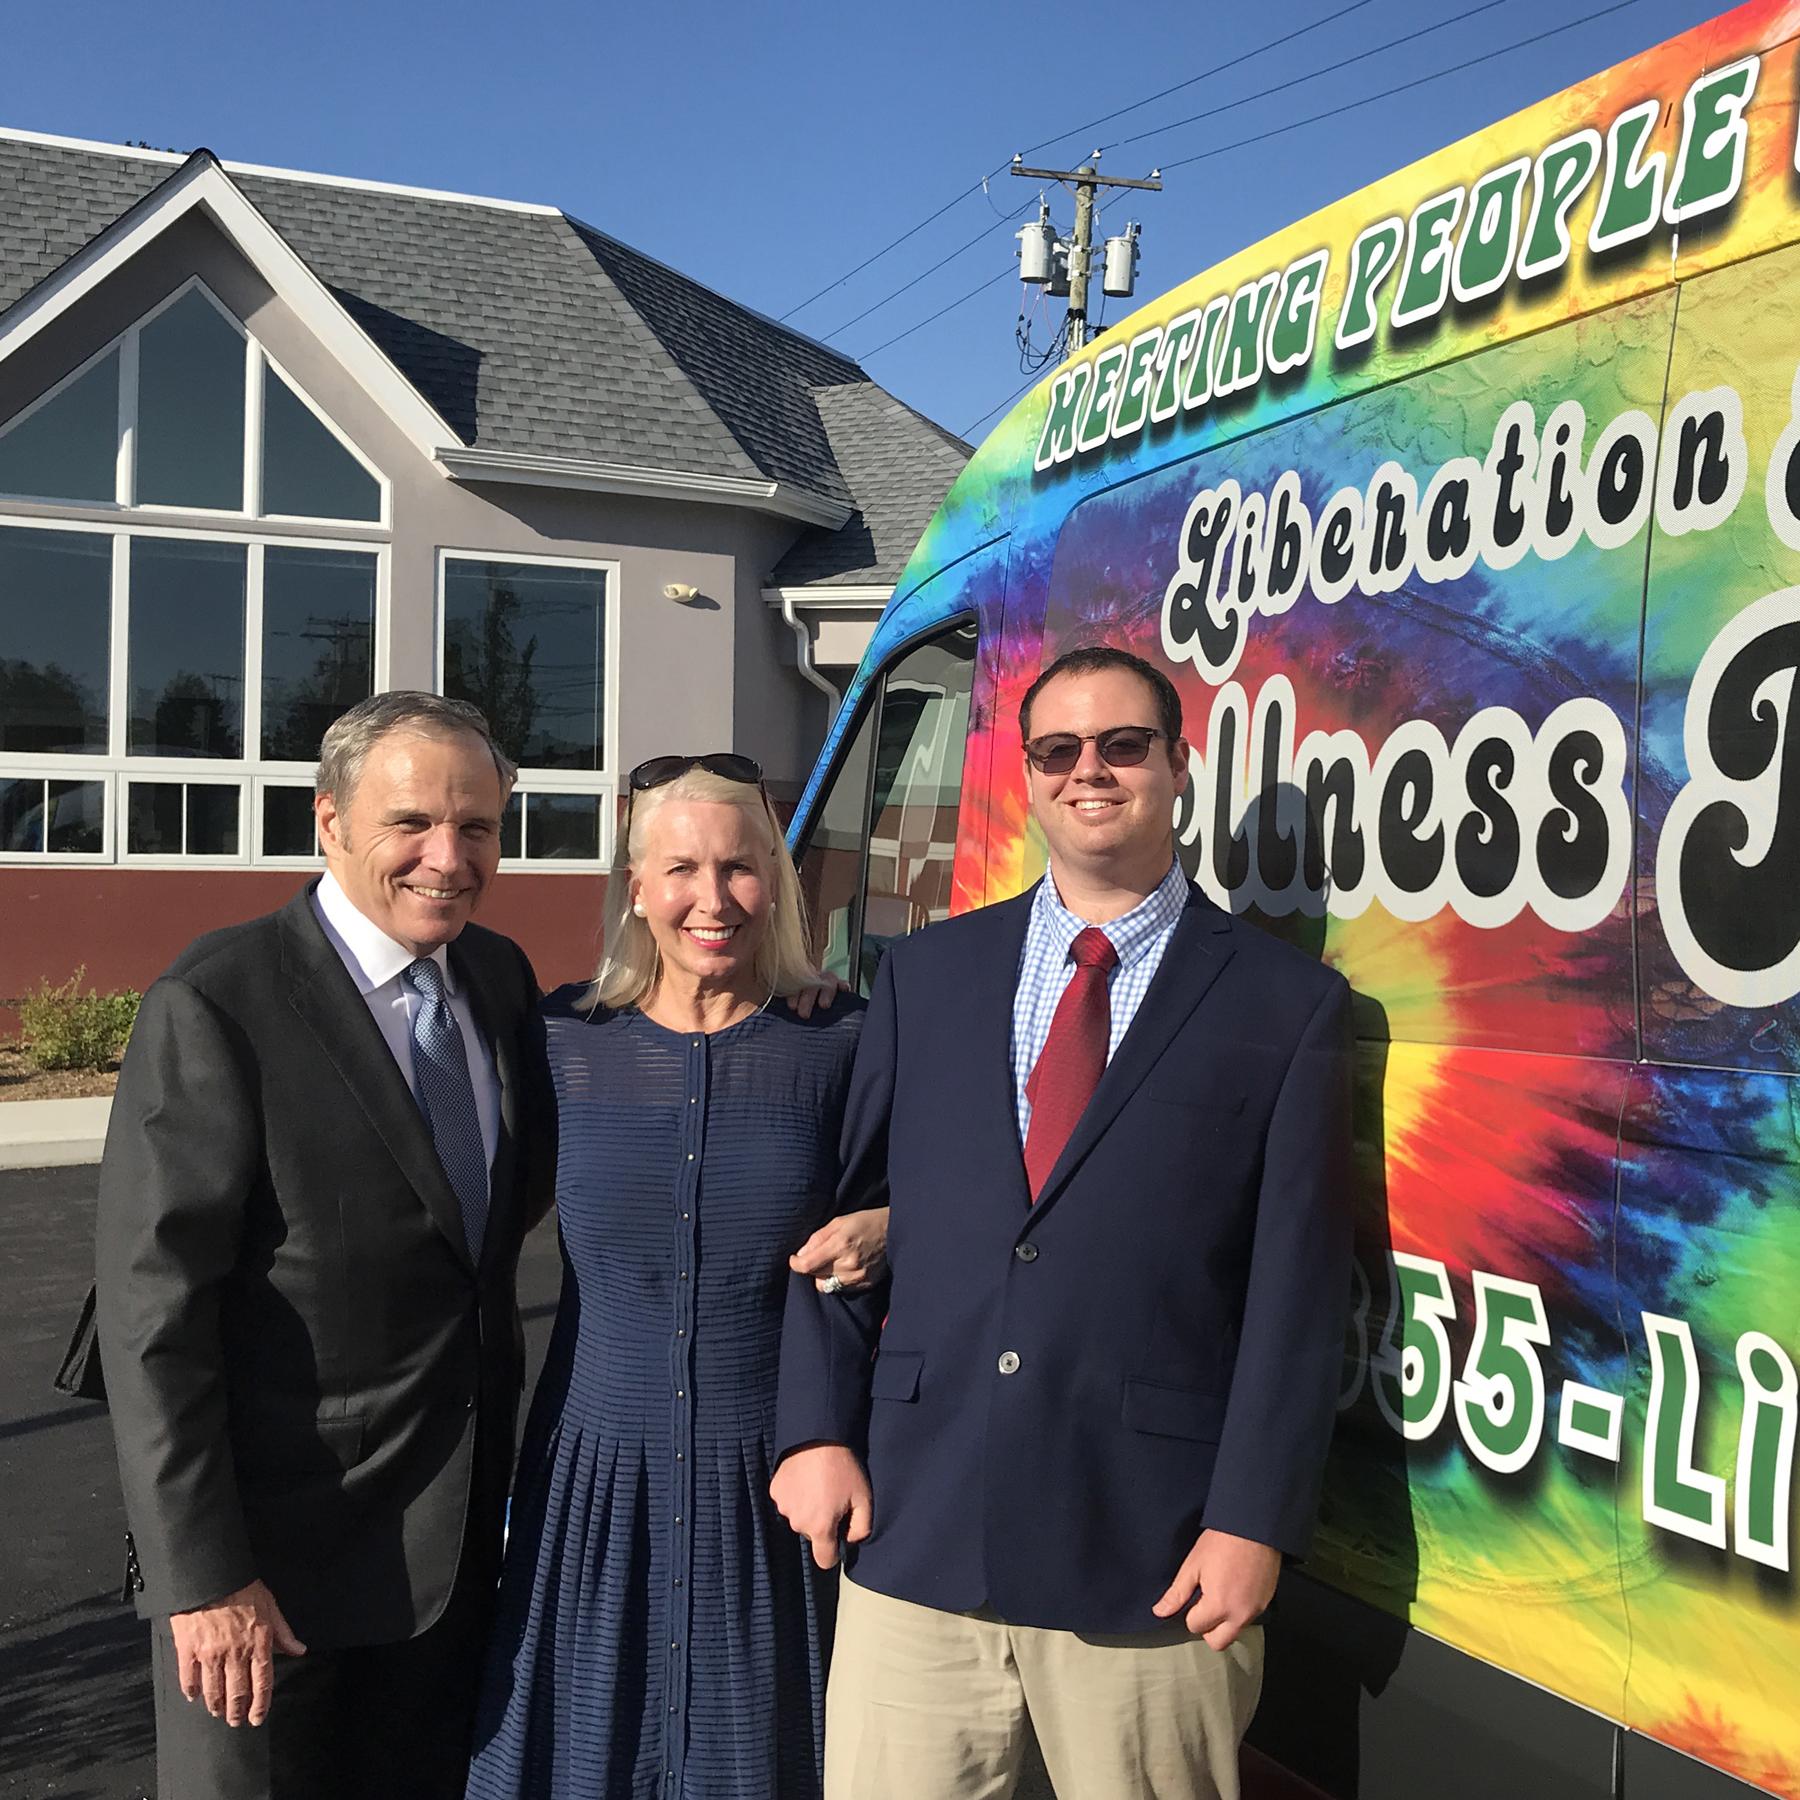 The Pelletiers in front of the Pelletier Wellness Center in Bridgeport, next to Liberation Programs' new Wellness Resource Van.